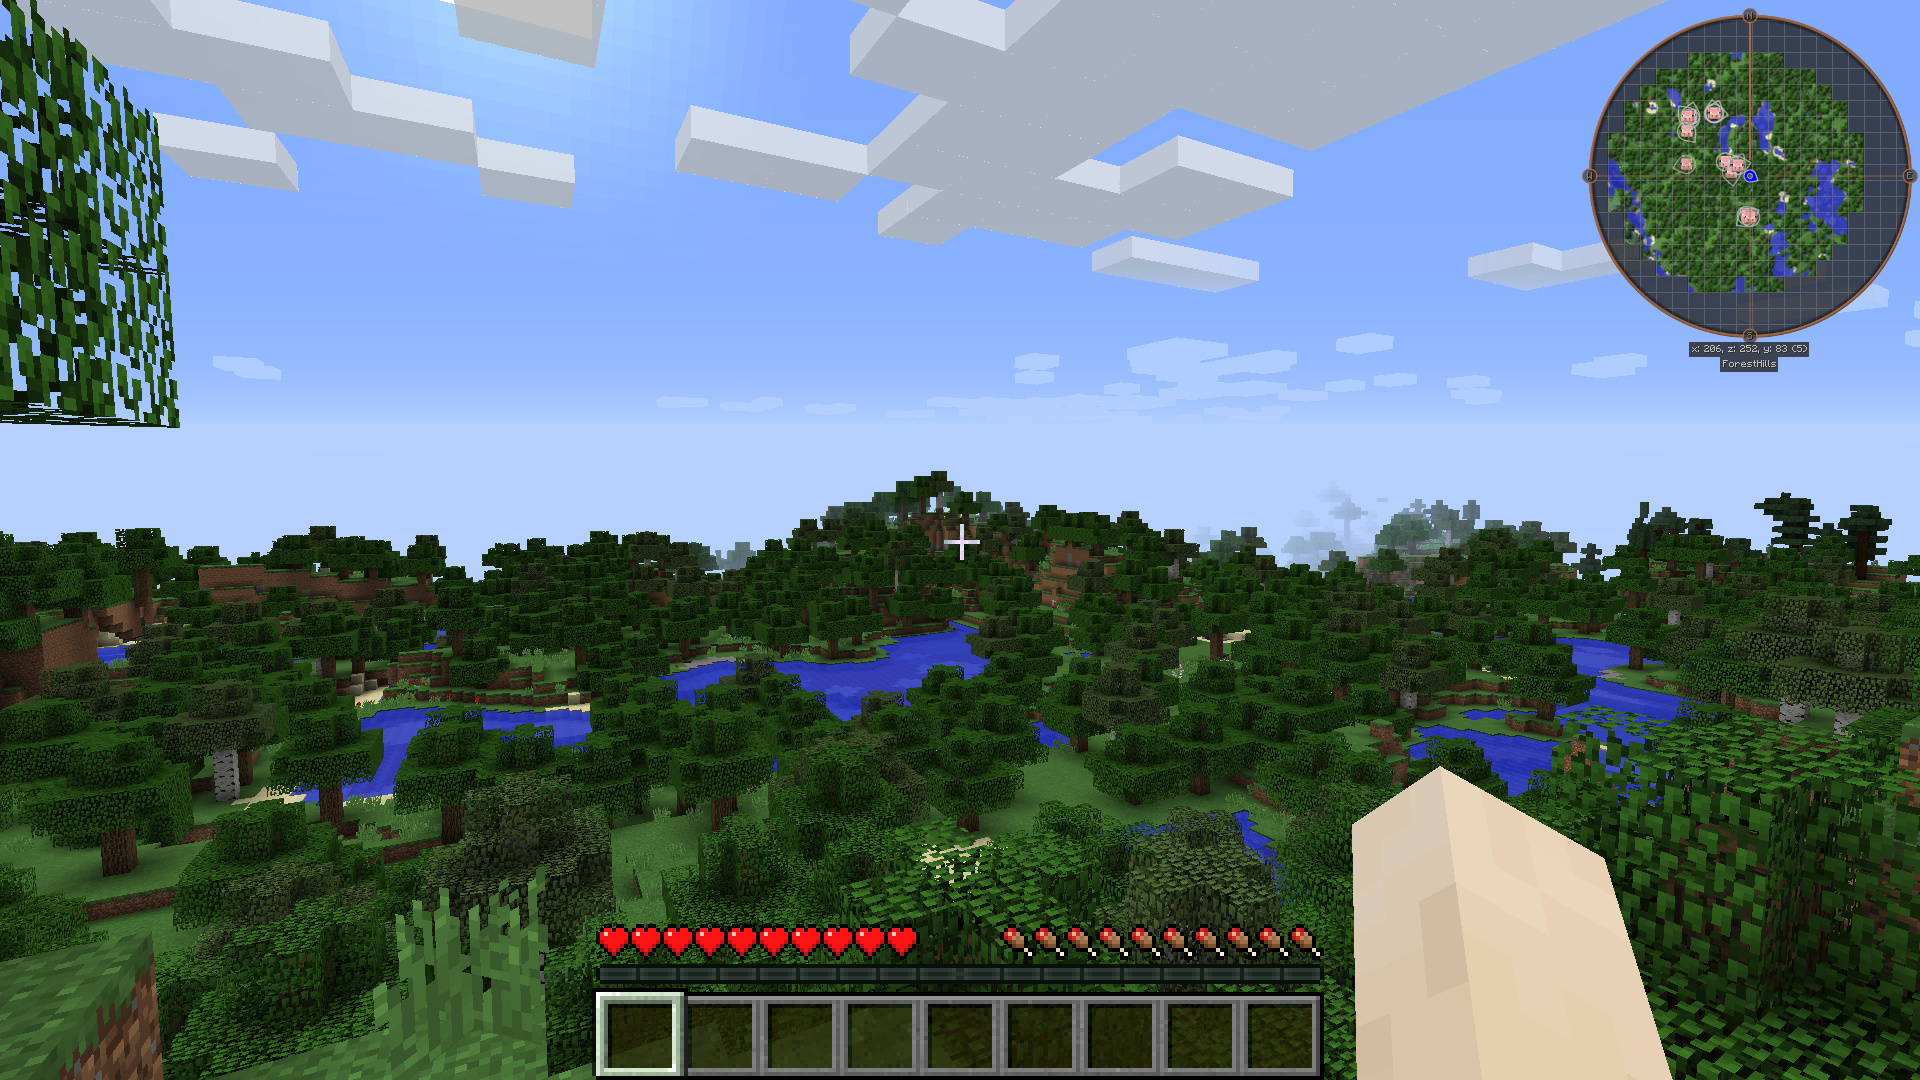 Karte Minecraft.Journeymap Mod 1 12 2 1 12 1 1 12 1 11 2 1 10 2 1 8 9 1 8